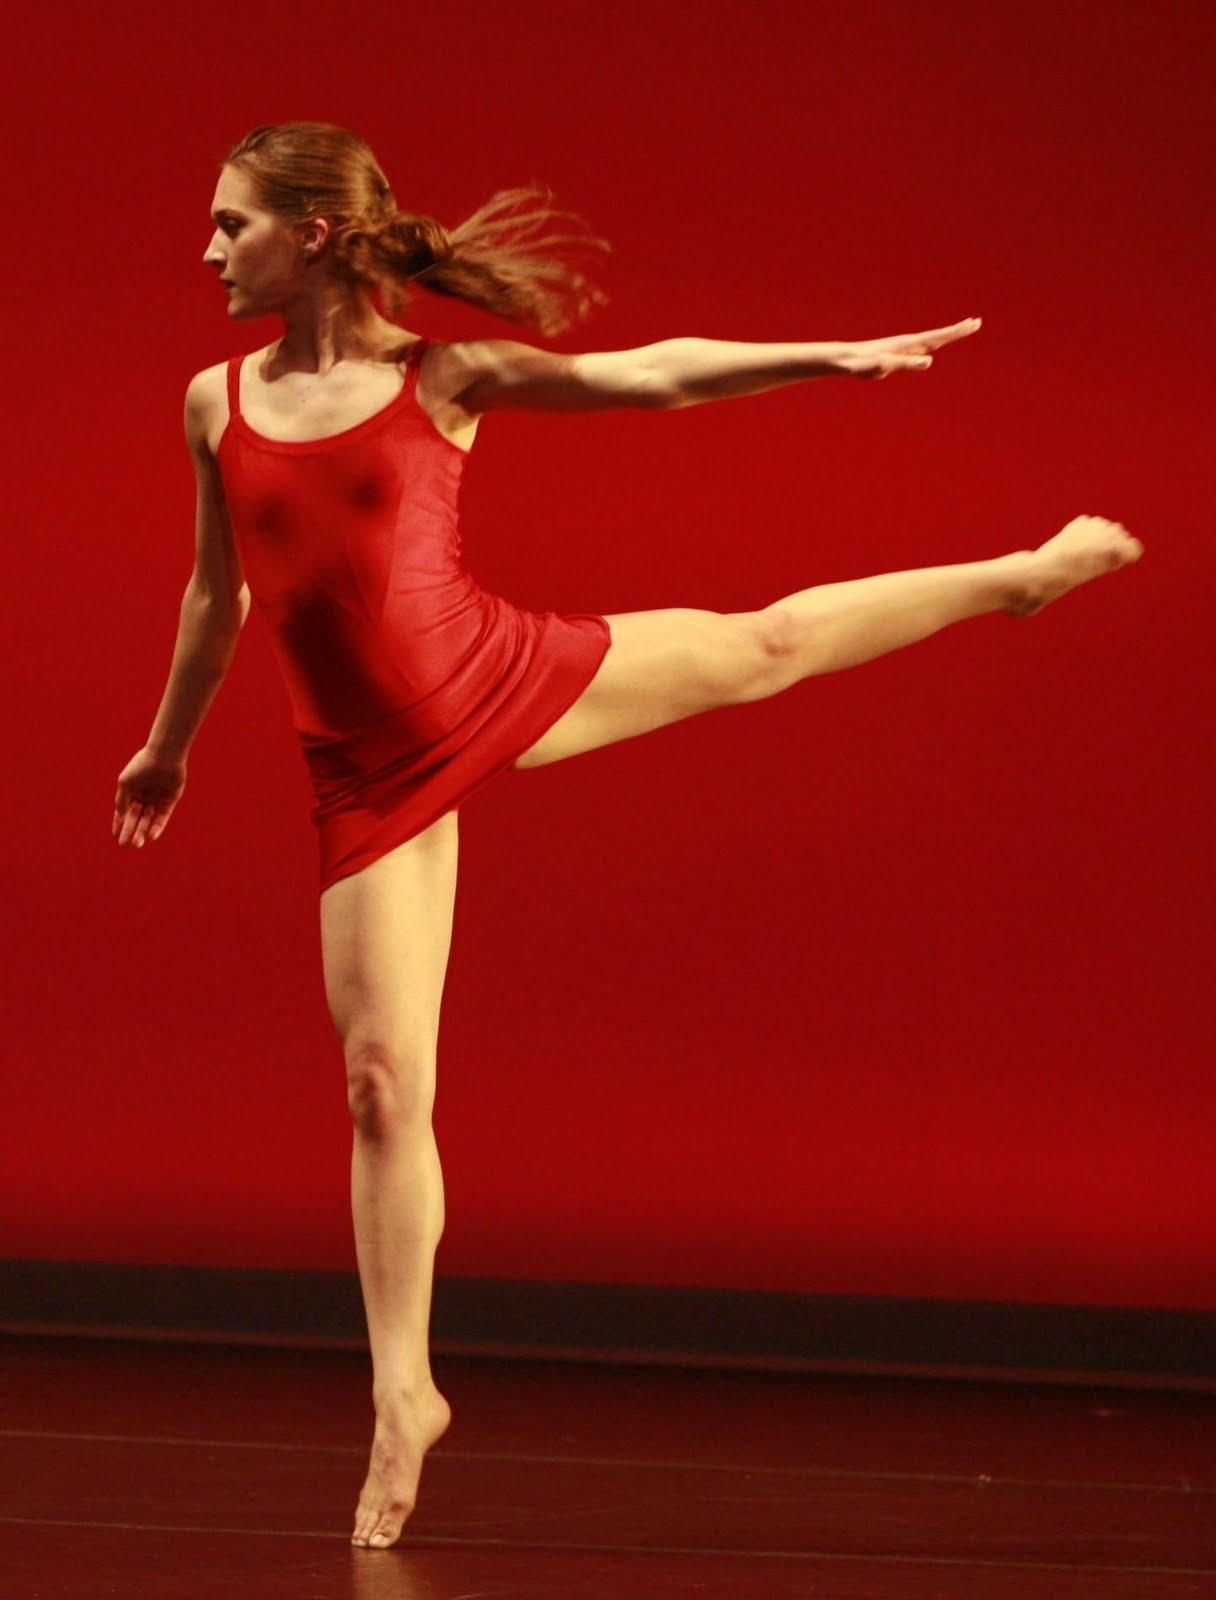 http://4.bp.blogspot.com/_FfEsqDVb5kg/S9zjcIIJkeI/AAAAAAAAABw/nQt9Drccagg/s1600/dance.jpg